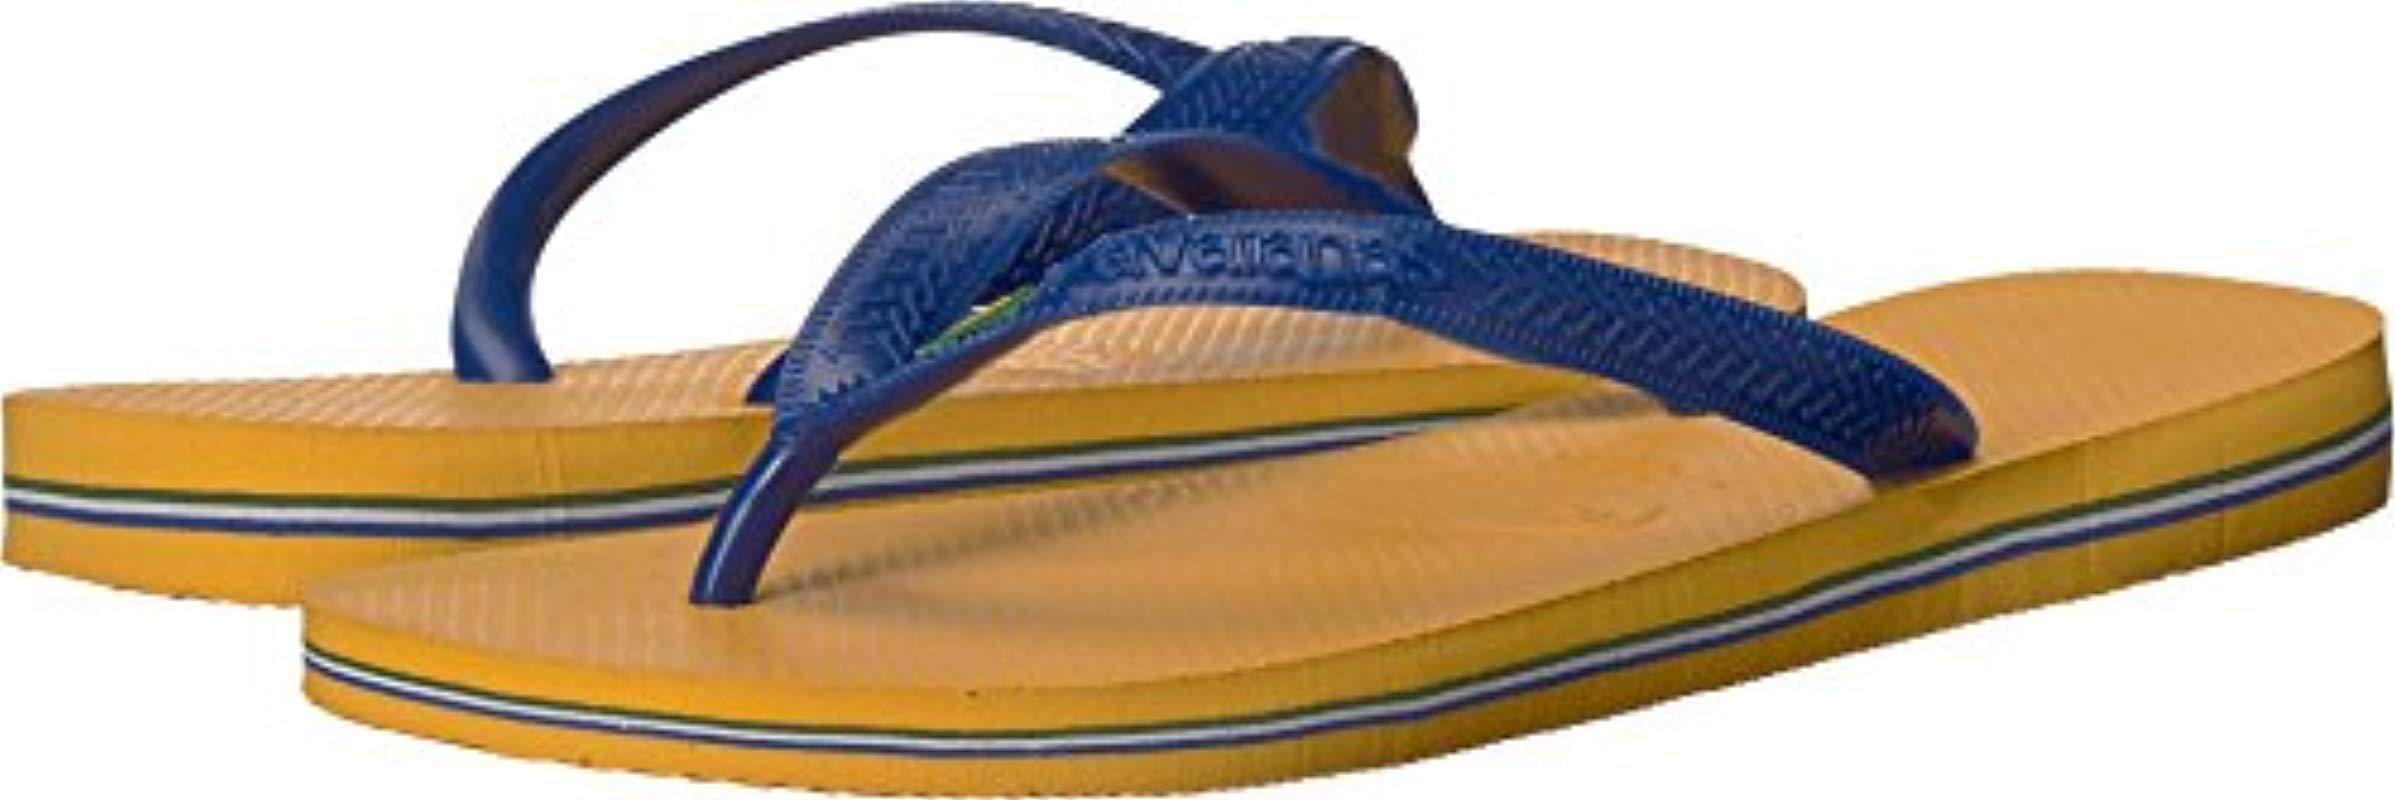 c00ce9c99 Havaianas. Men s Brazil Flip Flop Sandals ...